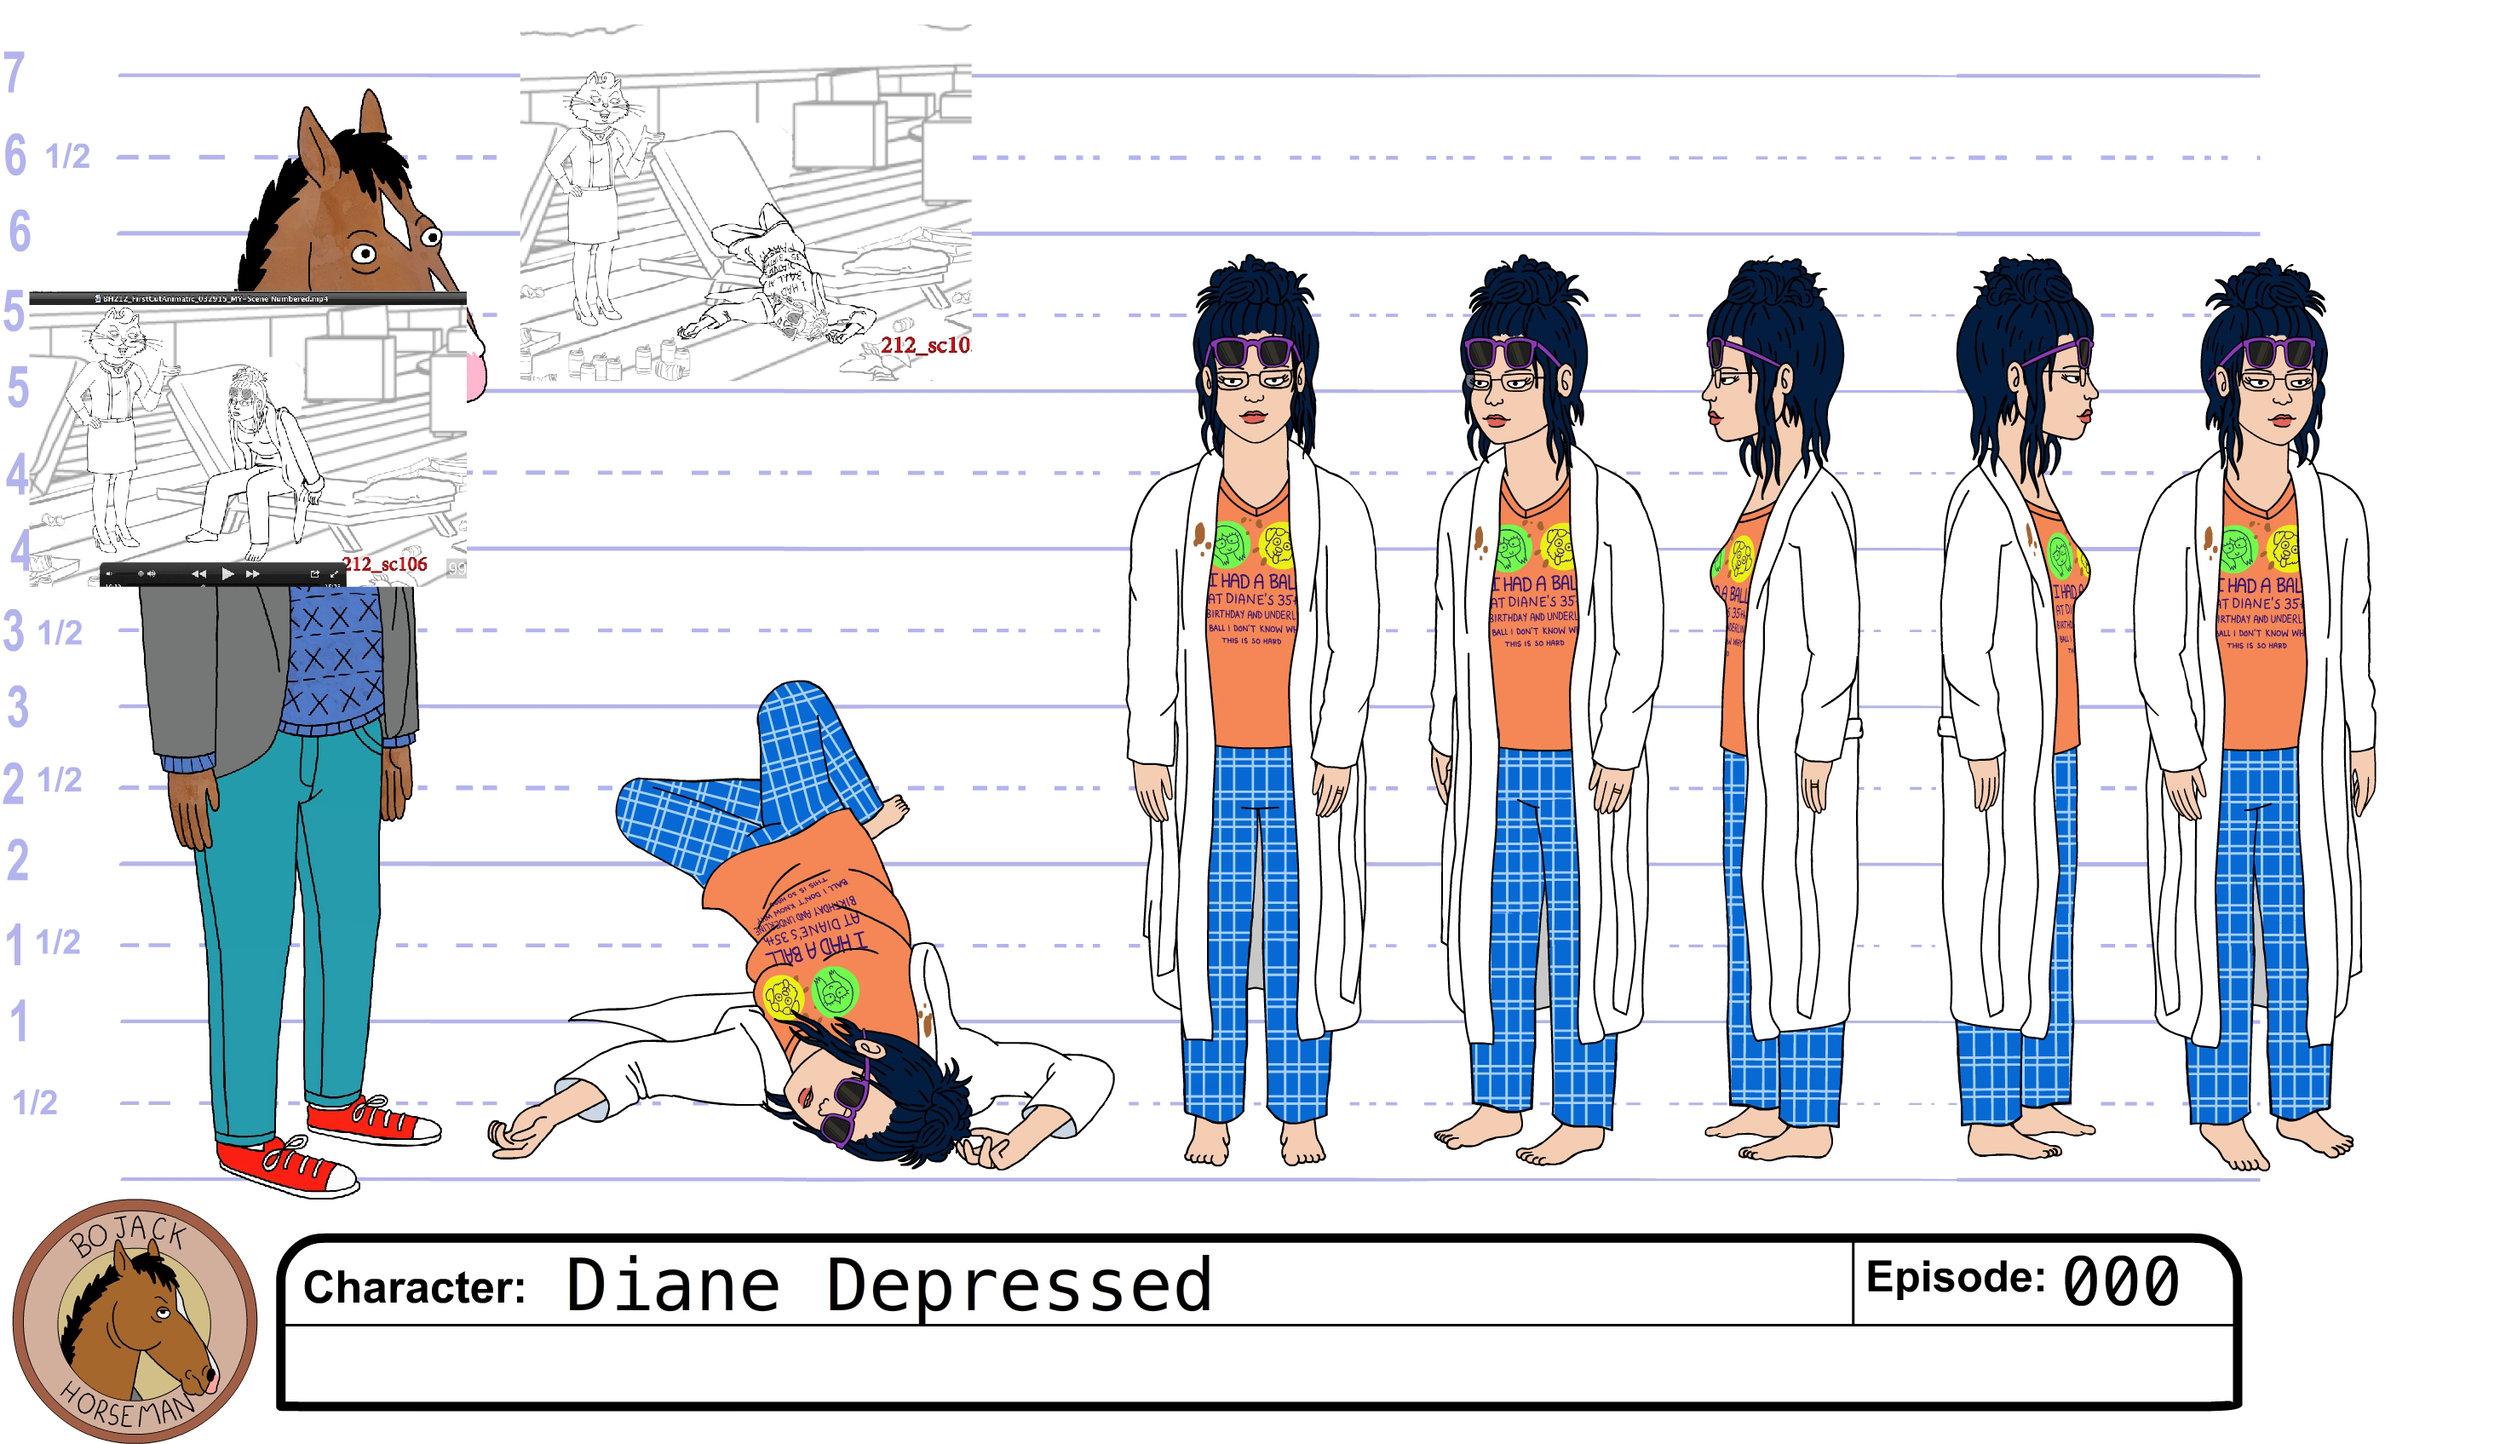 BJH_CH_000_Diane_Depressed_JK_v10.jpg